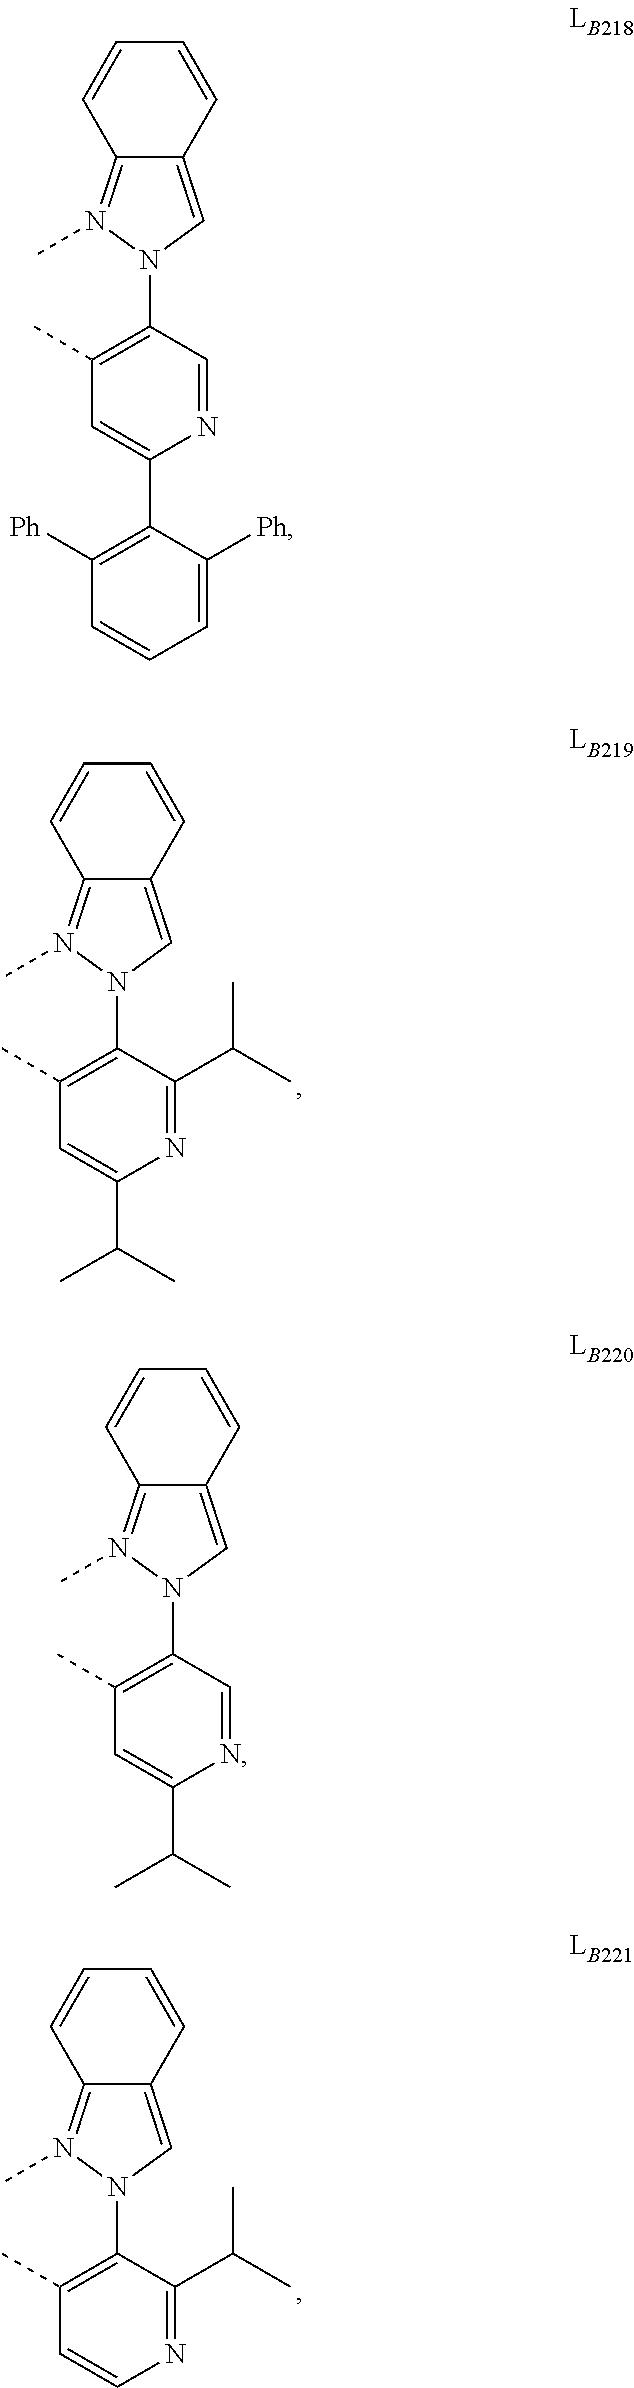 Figure US09905785-20180227-C00546